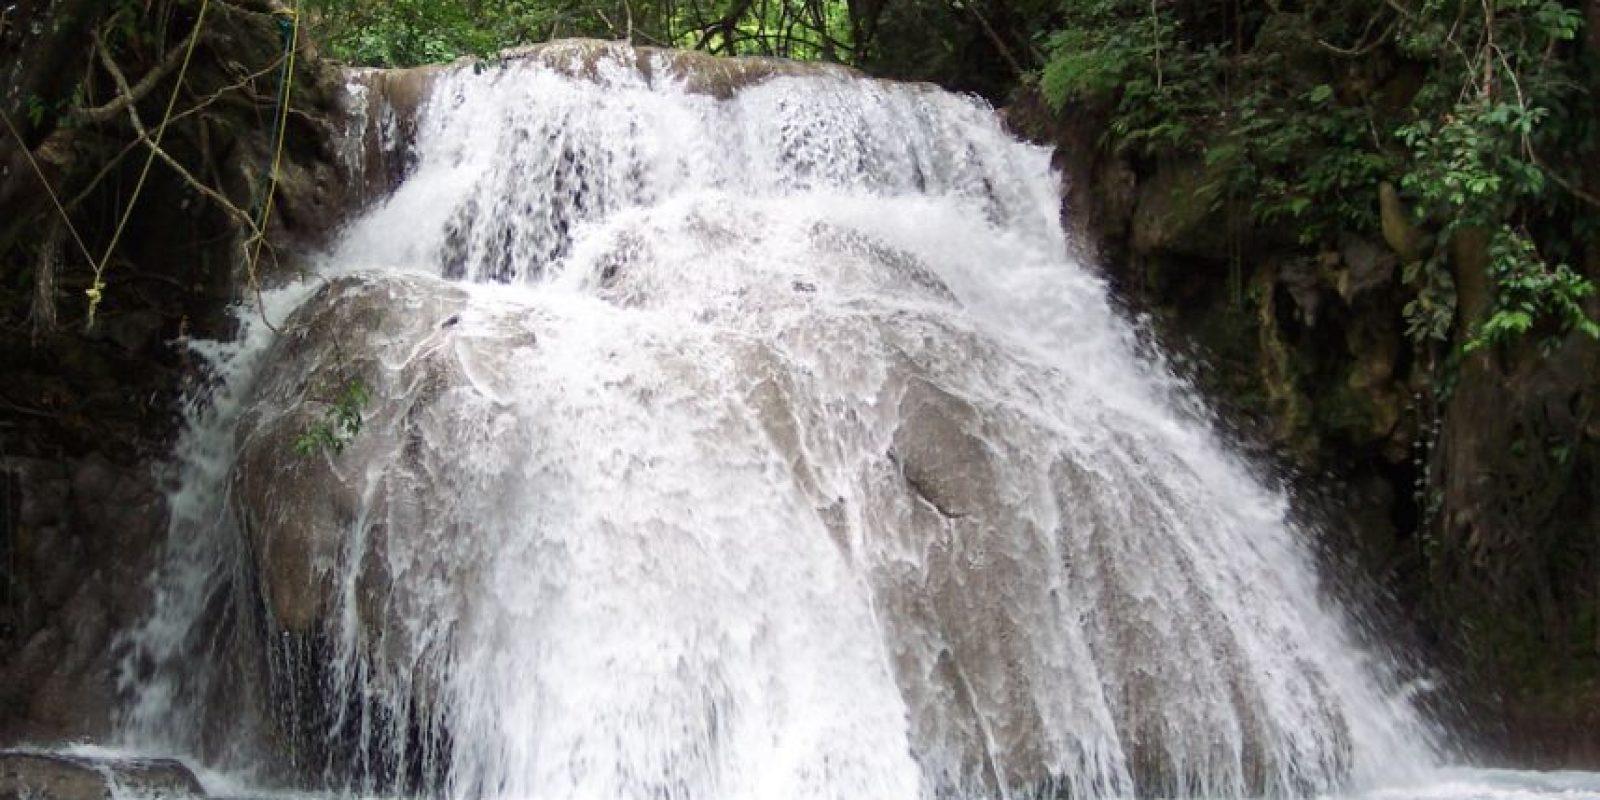 A una hora y media, aproximadamente, de viaje desde Huatulco, puedes visitar las cascadas de Copalitilla, ubicadas en San Miguel del Puerto, que se encuentran rodeadas de plantaciones de café. Foto:Dreamstime